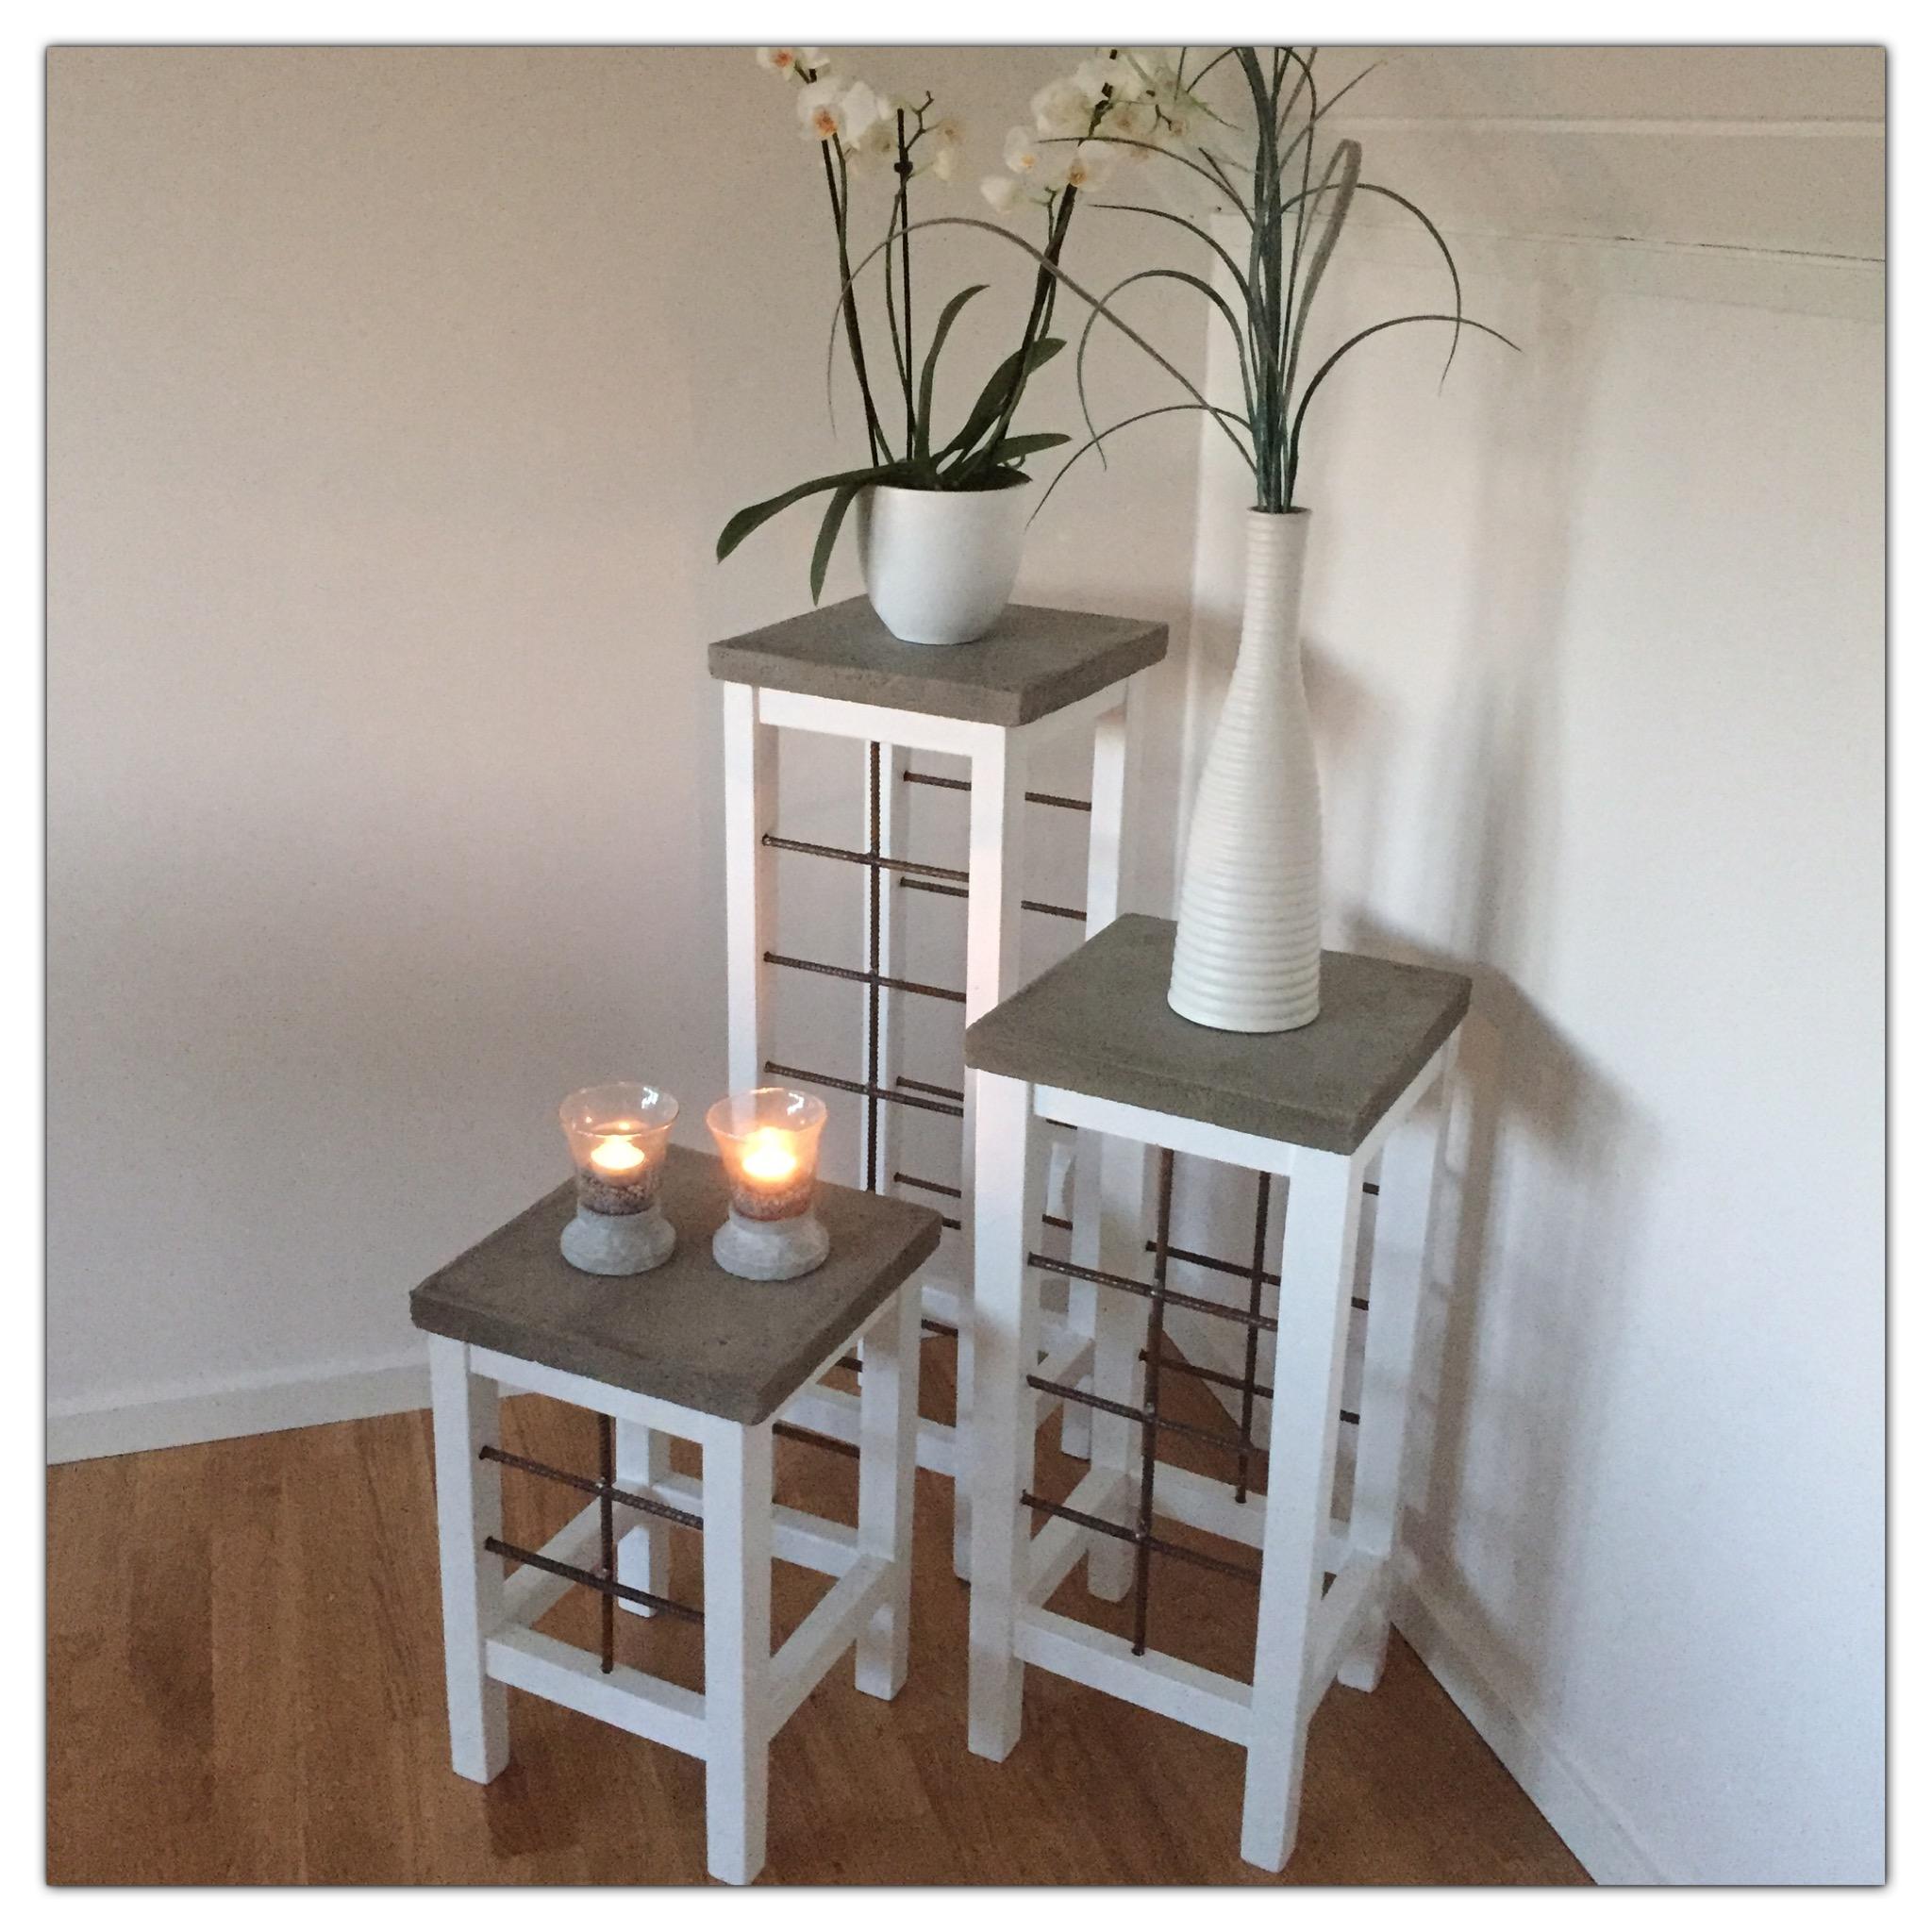 piedestal blomma design inspiration f r die. Black Bedroom Furniture Sets. Home Design Ideas